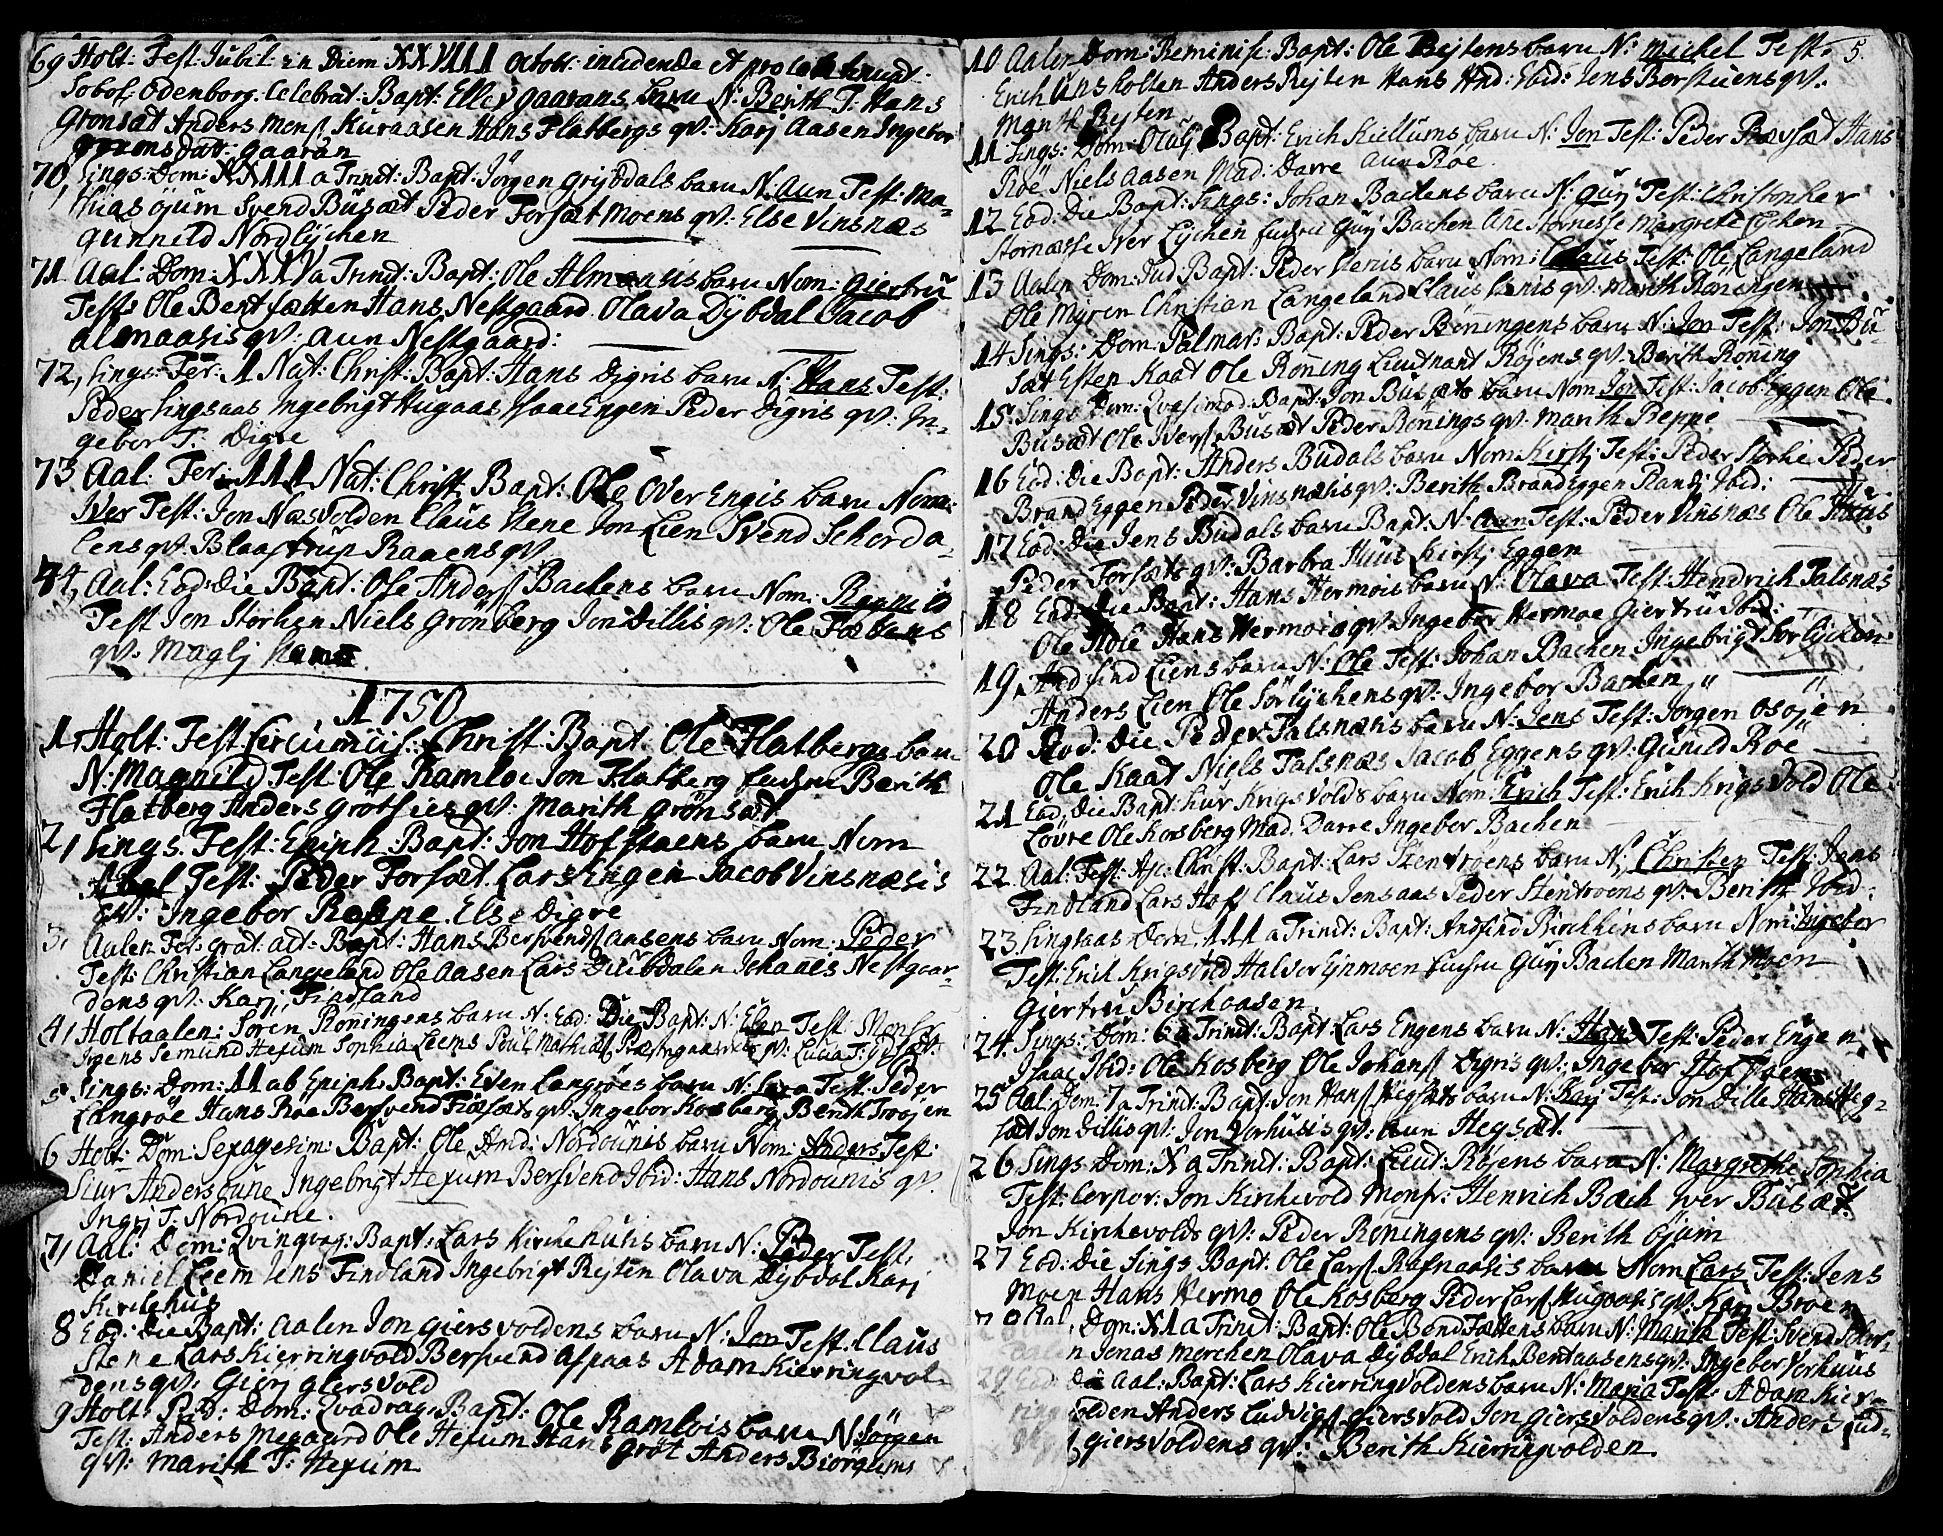 SAT, Ministerialprotokoller, klokkerbøker og fødselsregistre - Sør-Trøndelag, 685/L0952: Ministerialbok nr. 685A01, 1745-1804, s. 5